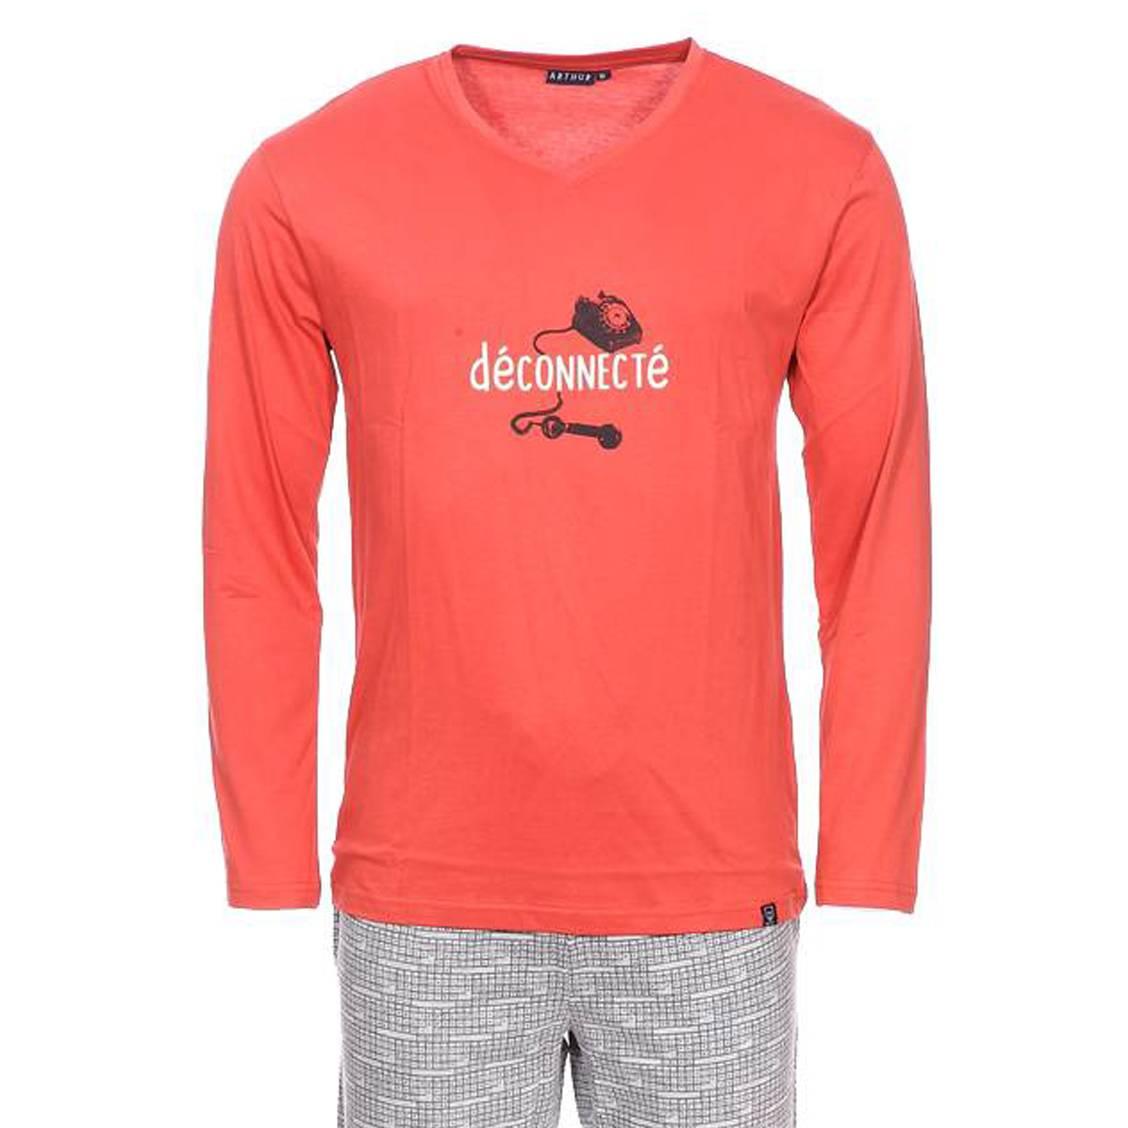 Pyjama long Arthur Clavier en coton : tee-shirt manches longues col V orange floqué déconnecté et pa